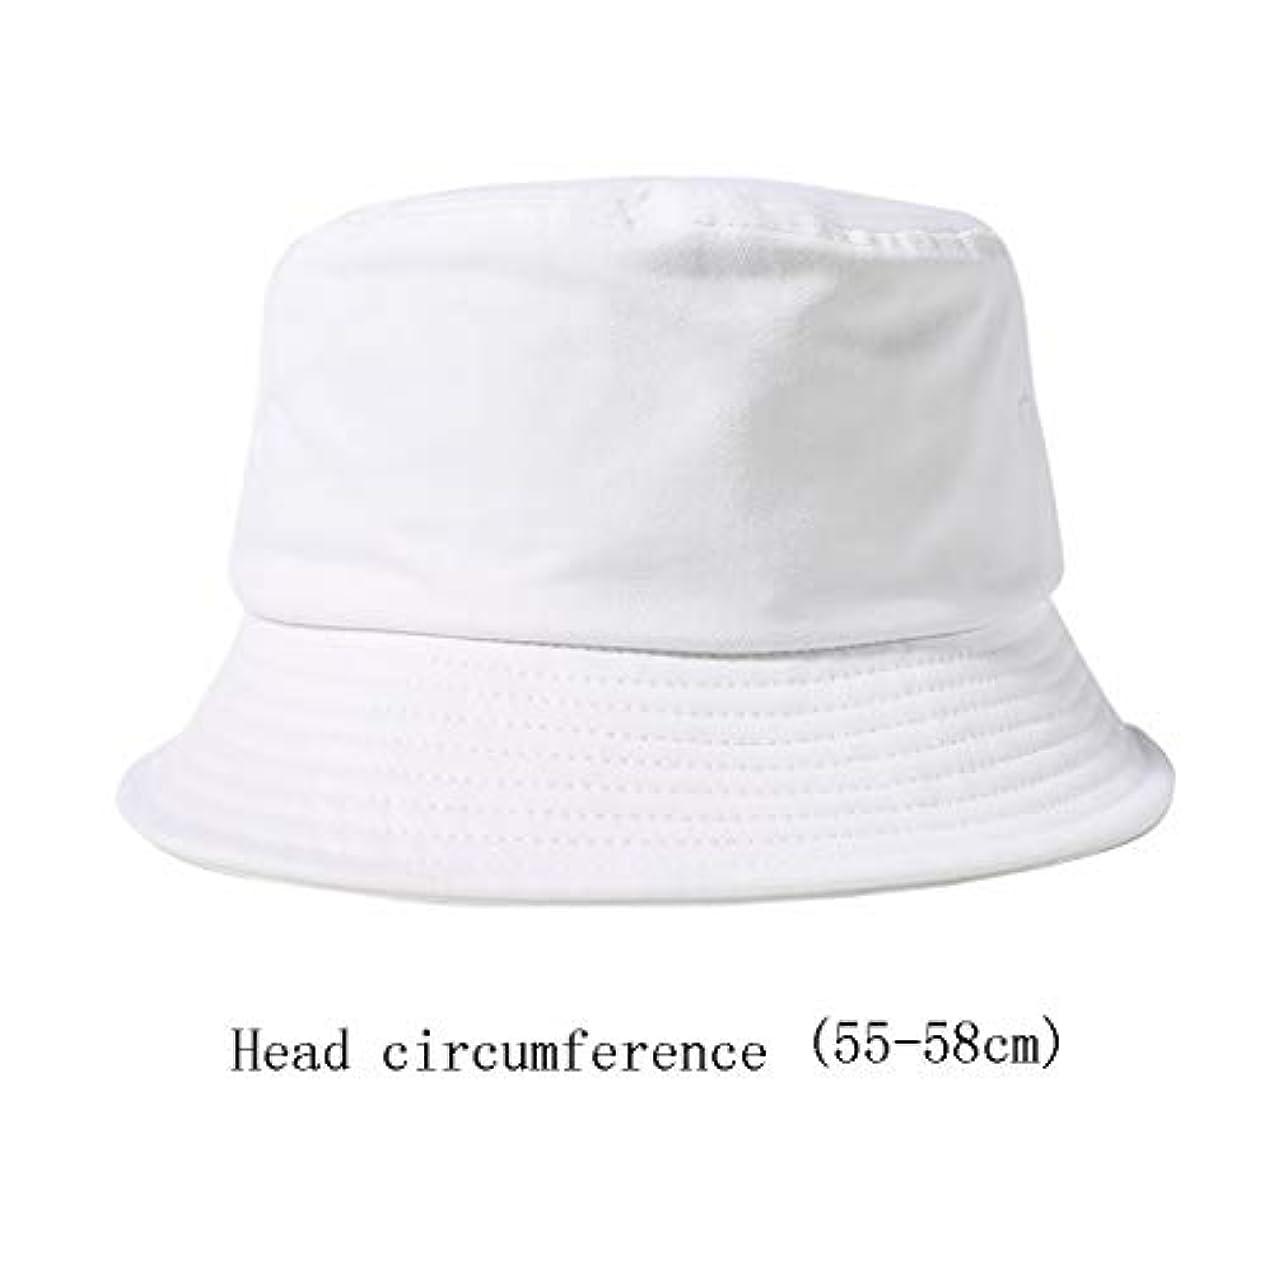 ディンカルビル訪問戻す漁師帽子ファッション女性の帽子潮ブランドビッグヘッド流域帽子日焼け止めヒップホップ抗uv流域キャップ (Color : B, Size : 55-58CM)